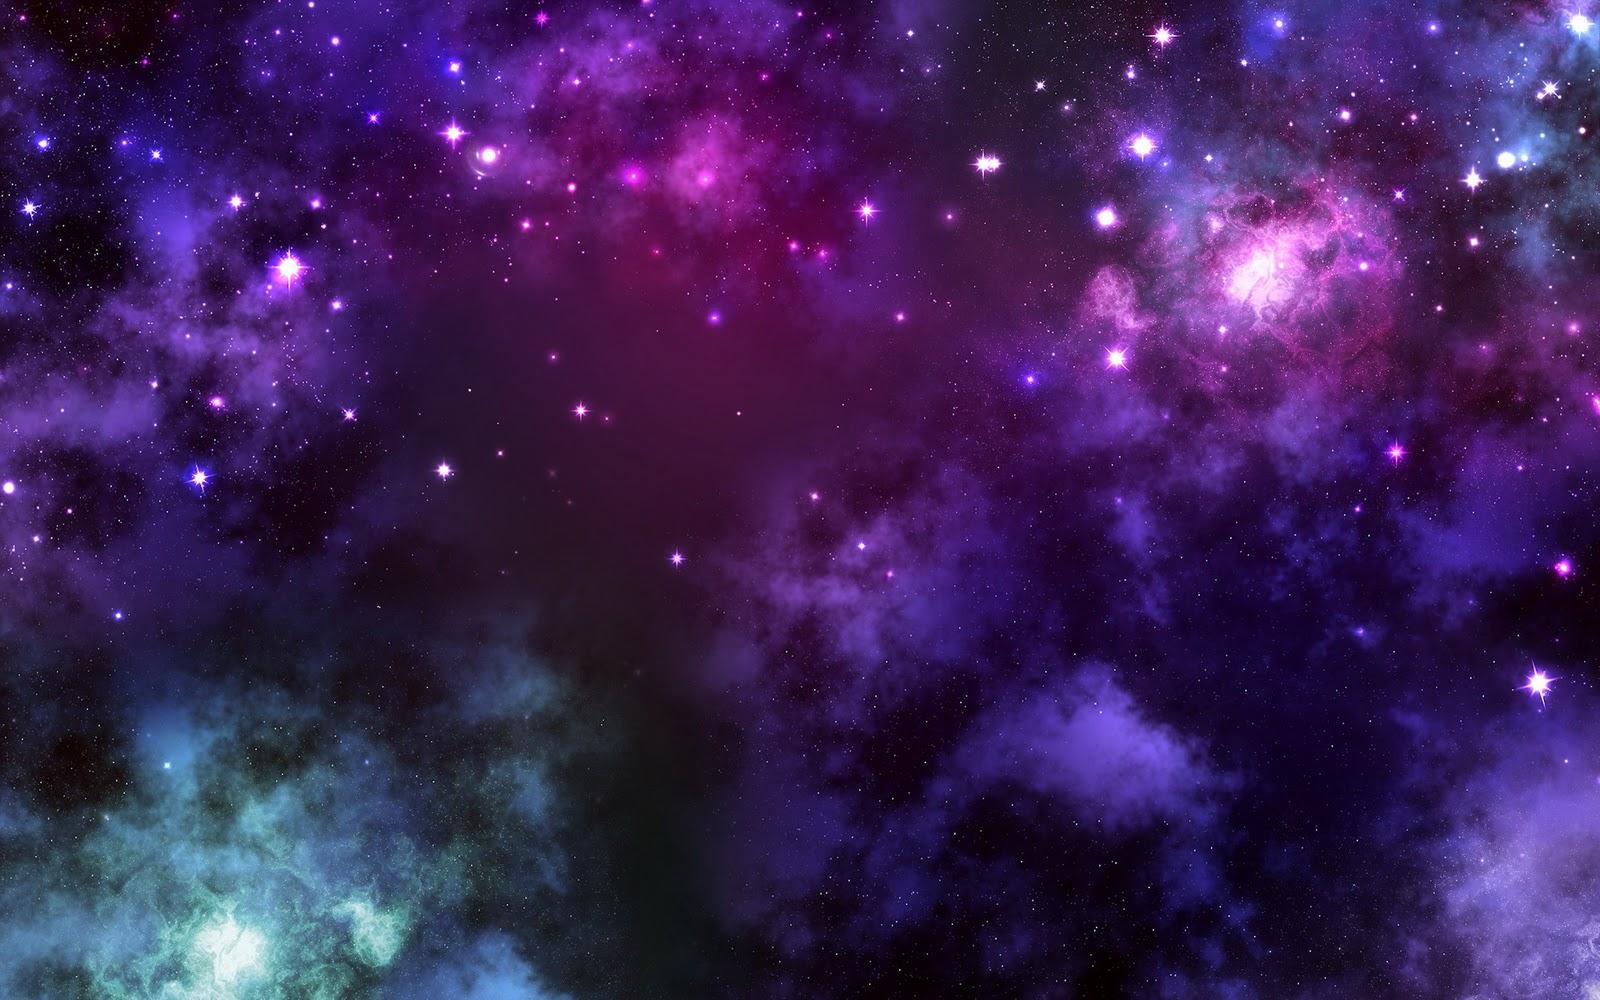 Galaxy Wallpaper Tumblr 13777 1600x1000px